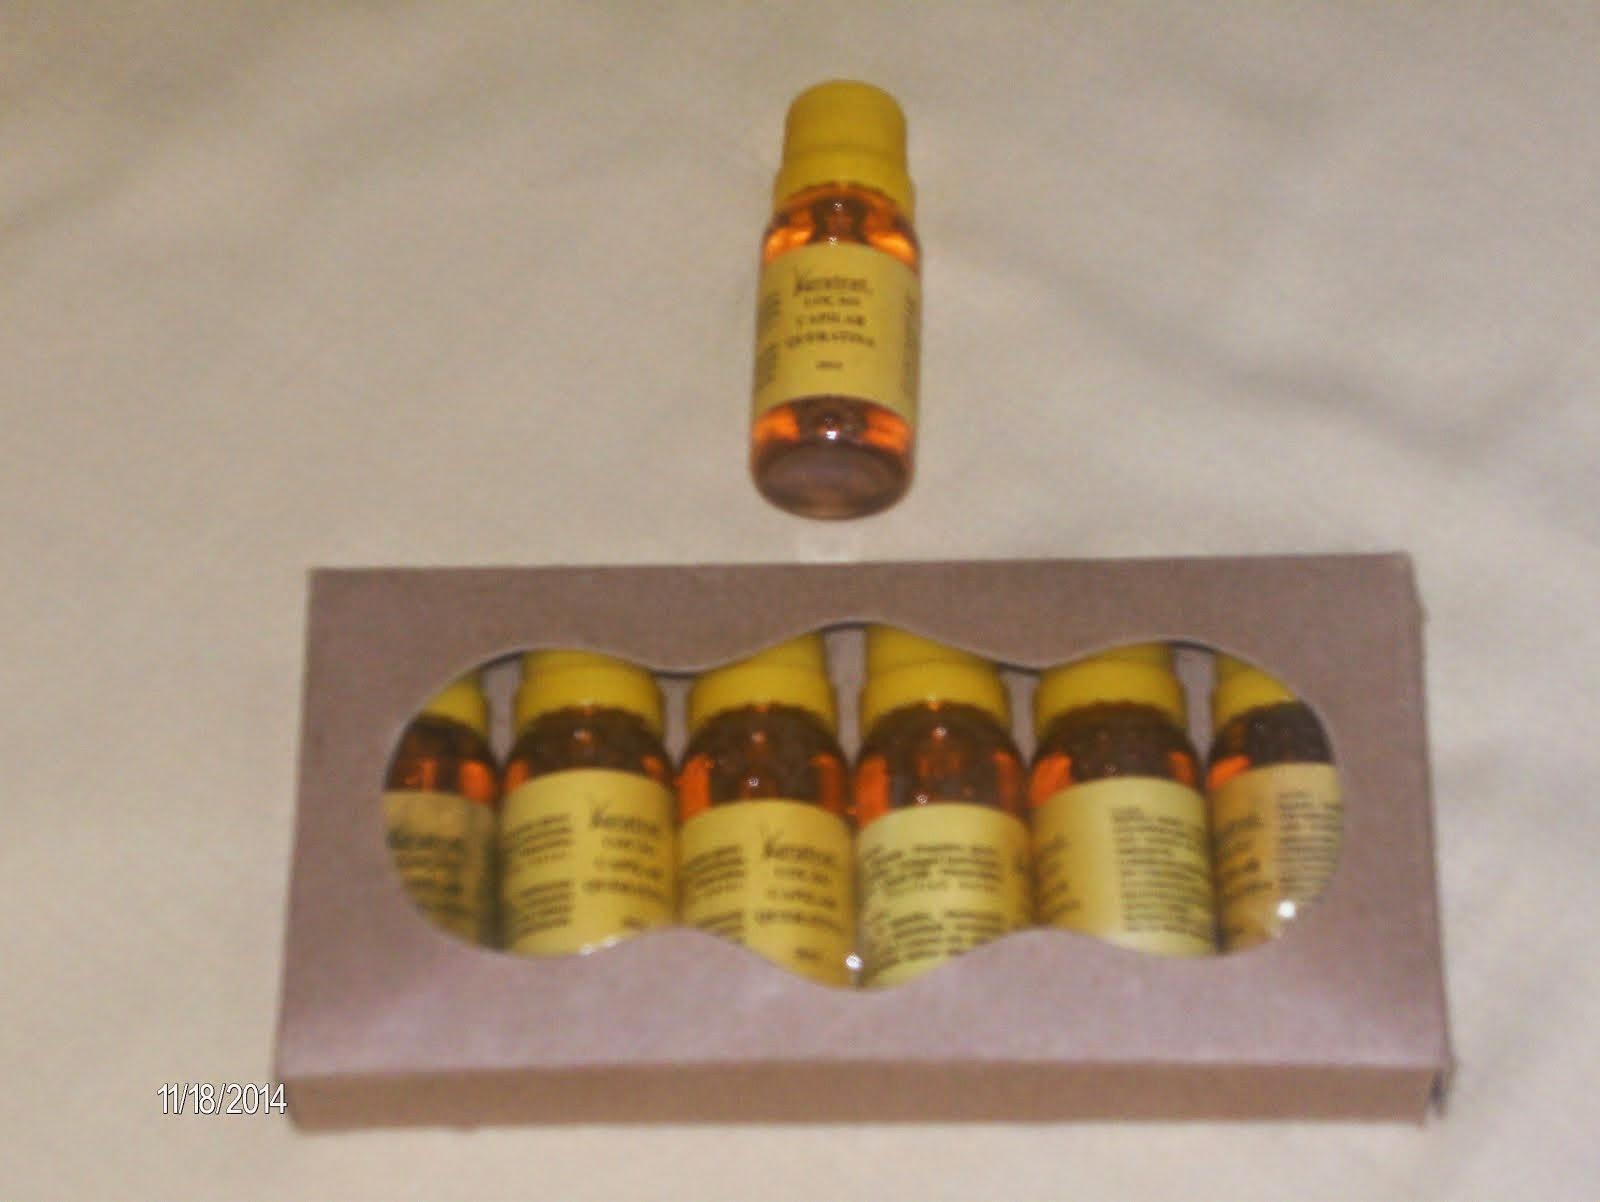 Queratina Hidrolisada caixa com 6 tubetes de 25 ml - Preço R$ 50,00